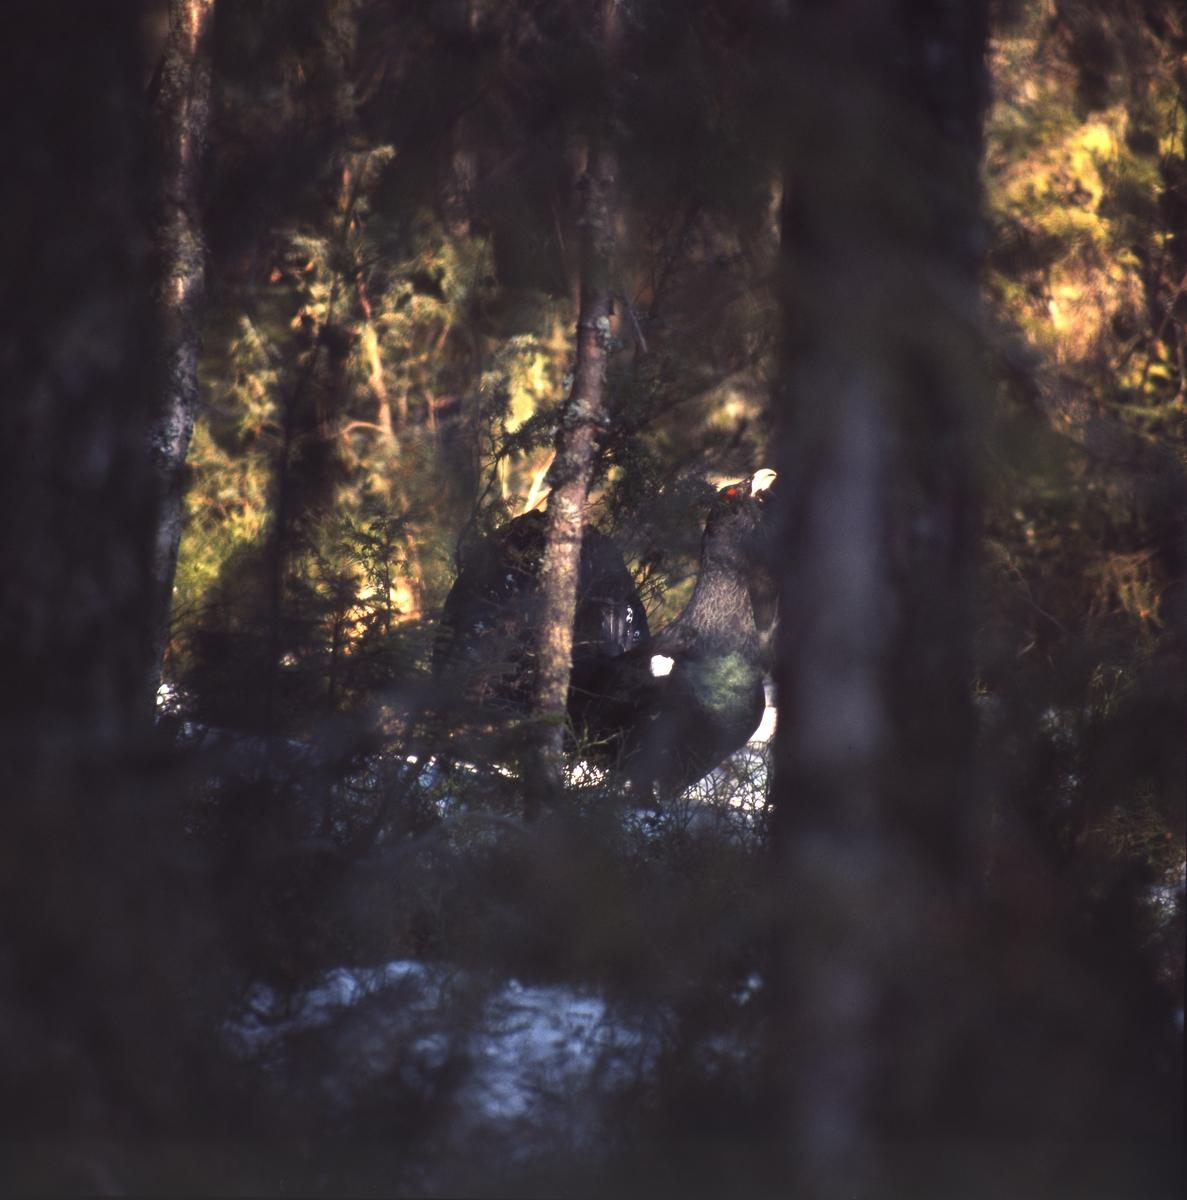 En tjädertupp skymtar mellan stammarna i skogen.